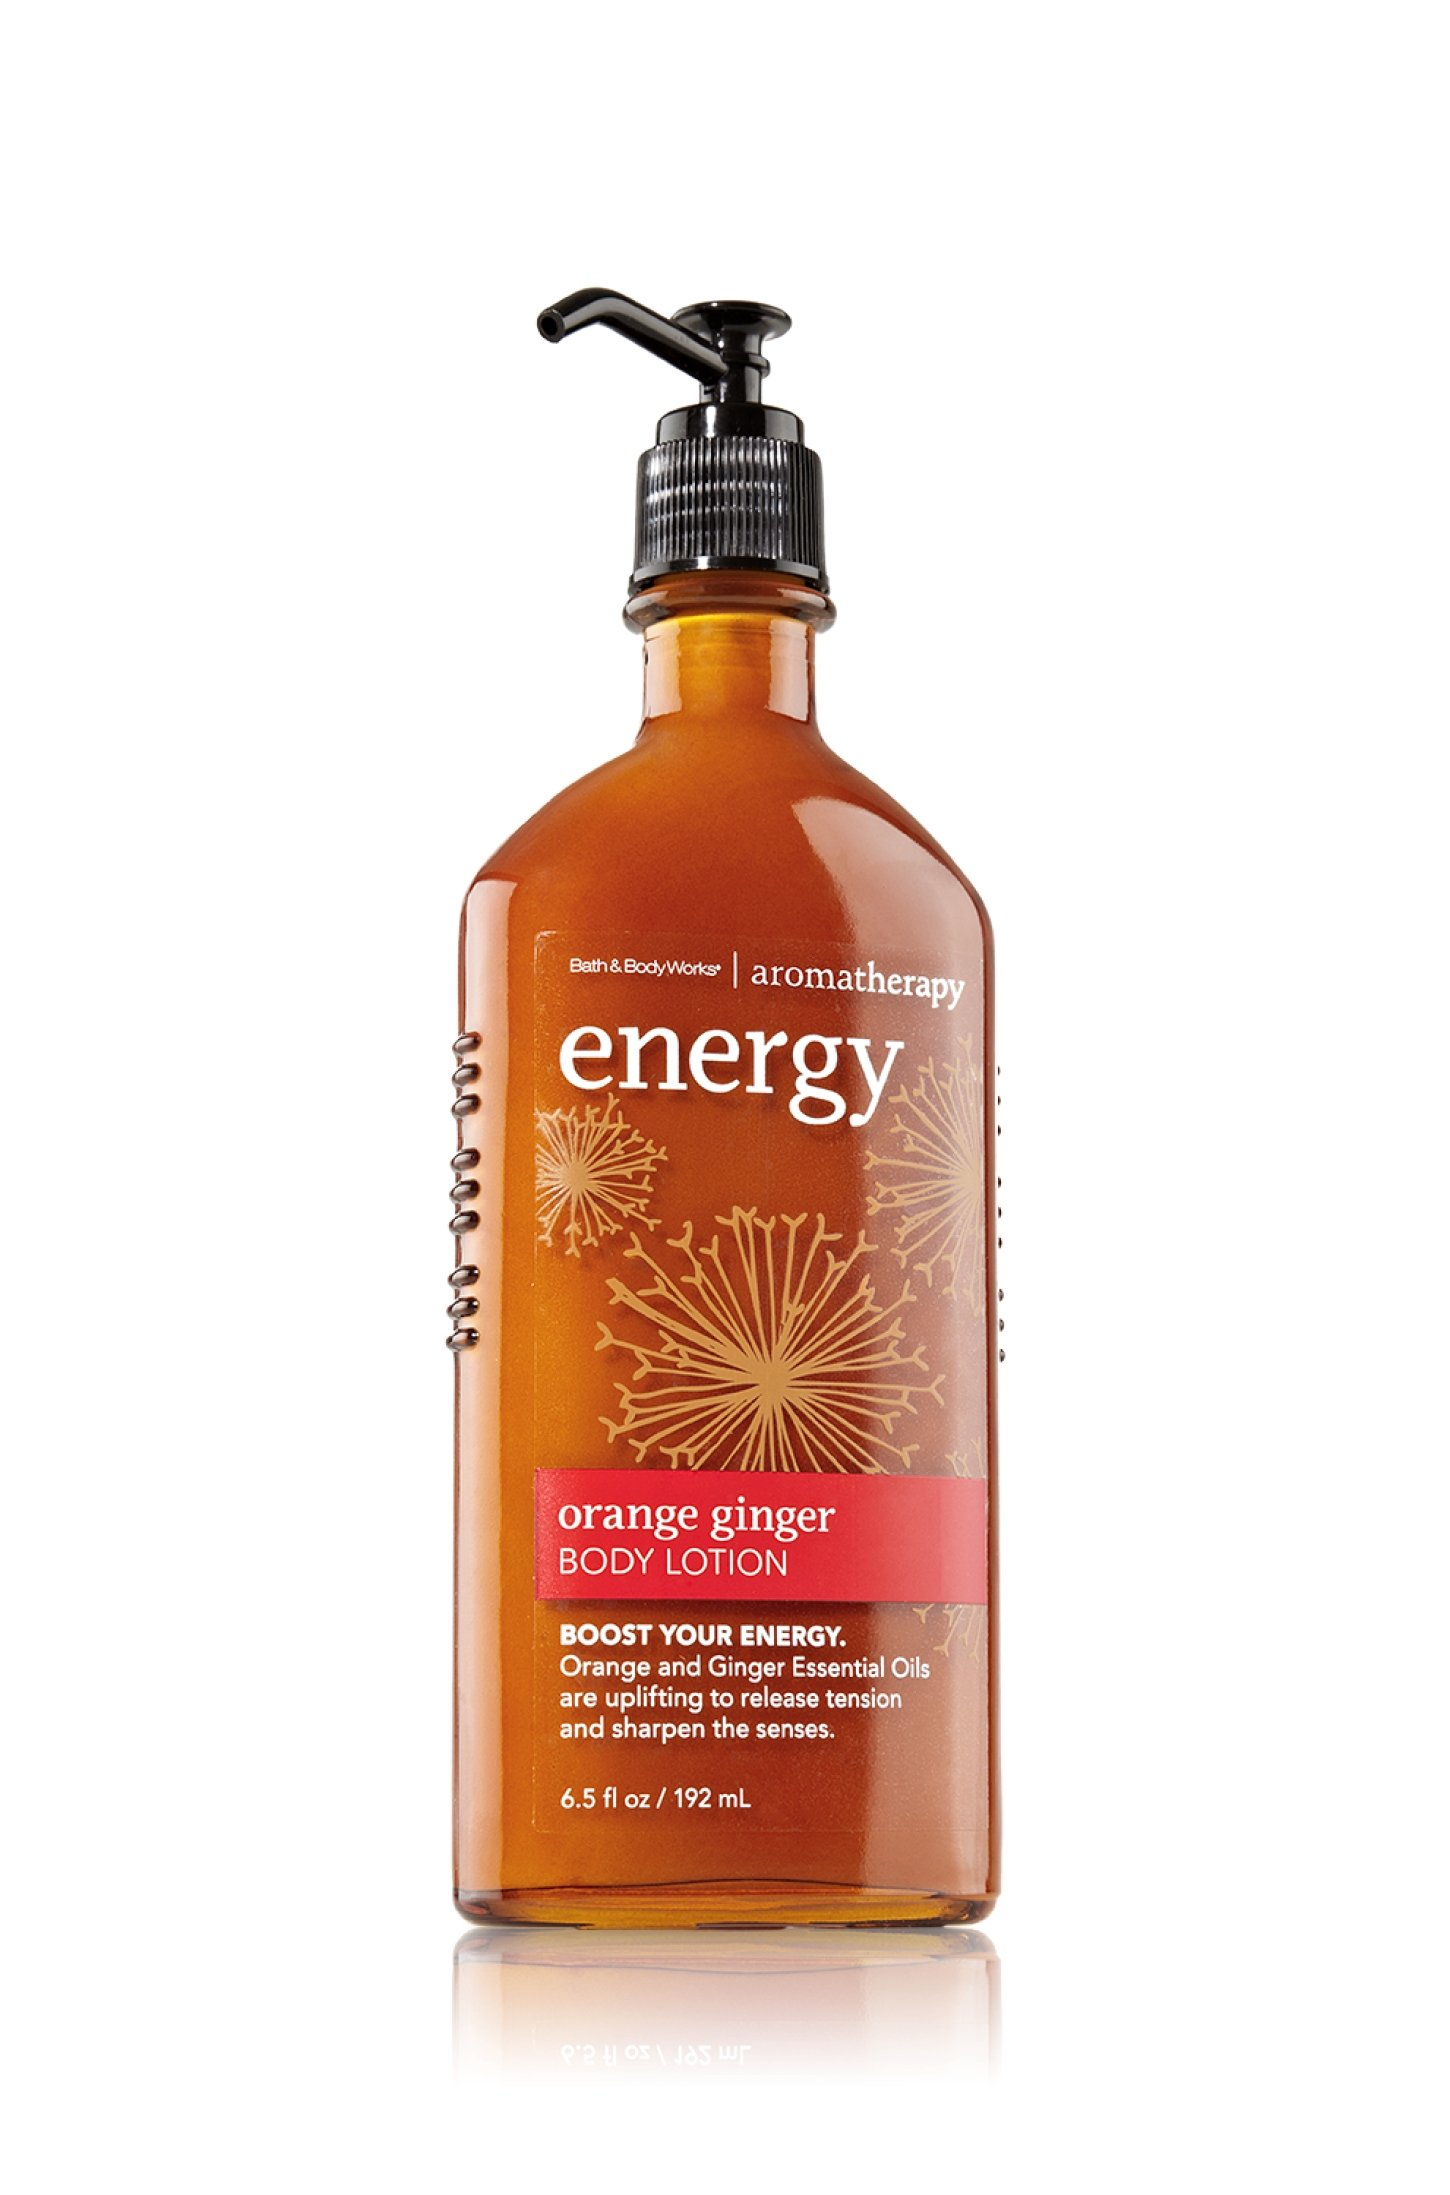 Bath and Body Works Aromatherapy Body Lotion Energy - Orange Ginger - 6.5 fl oz / 192 mL by Bath & Body Works